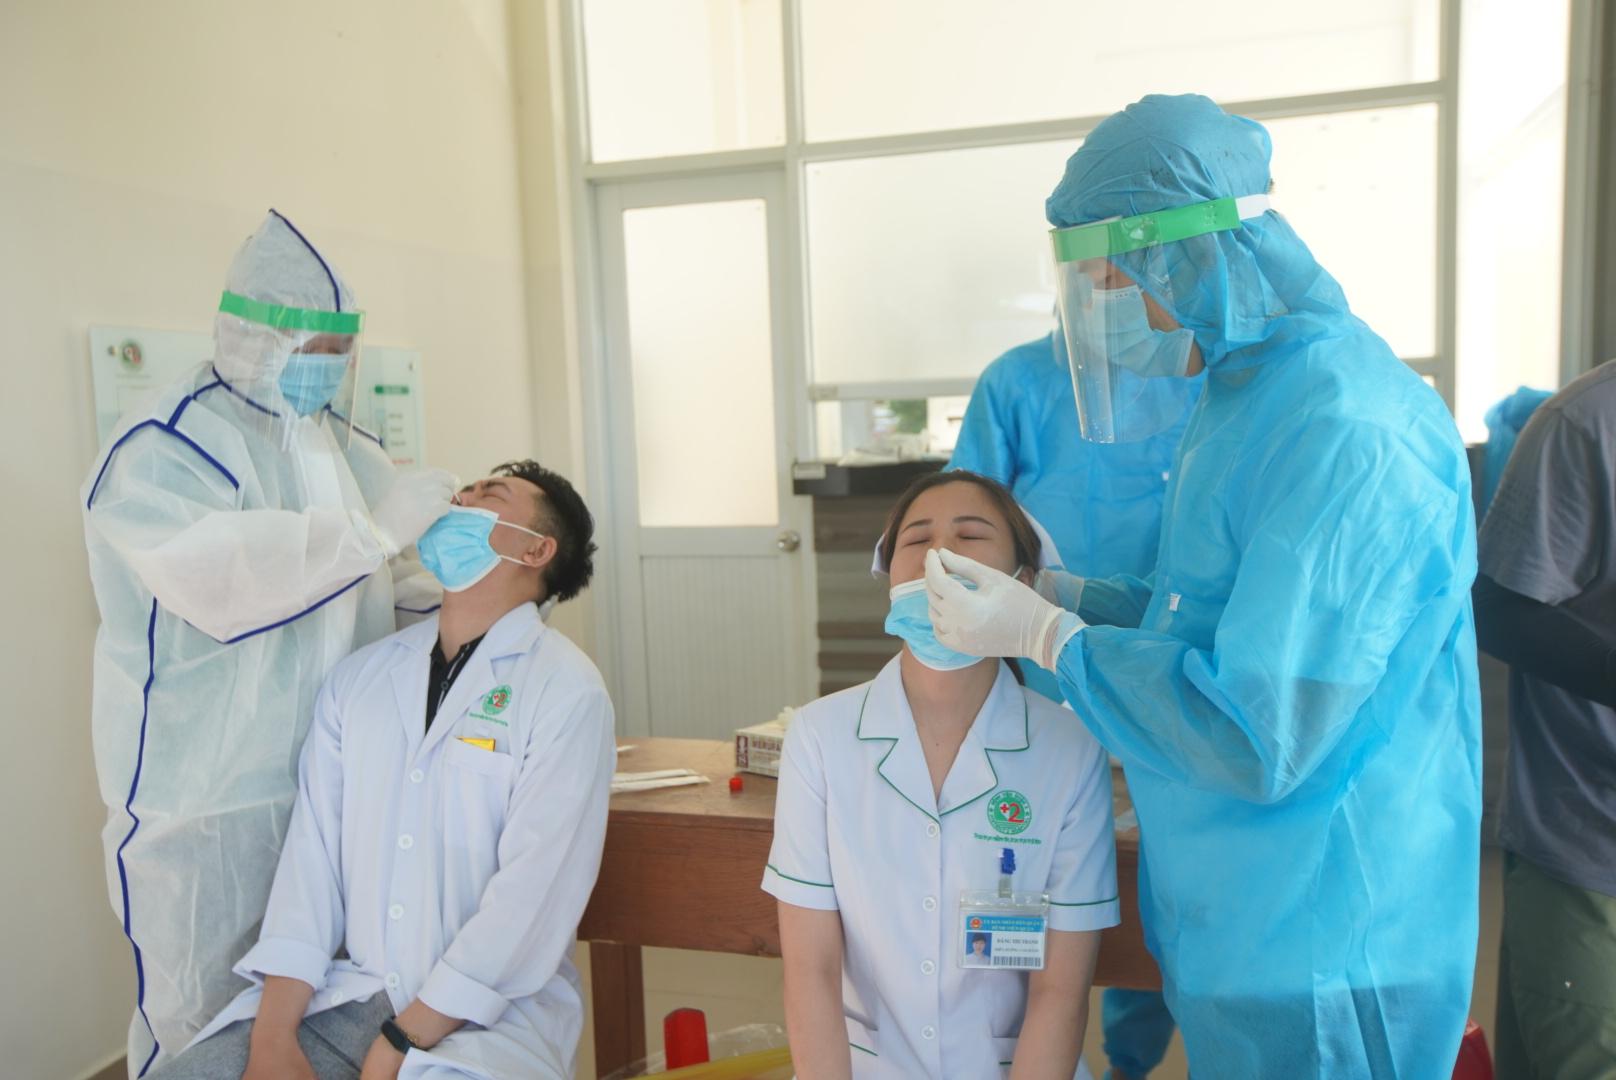 Lấy mẫu xét nghiệm COVID-19 tại Bệnh viện Lê Văn Thịnh. Ảnh: Xuân Bình.